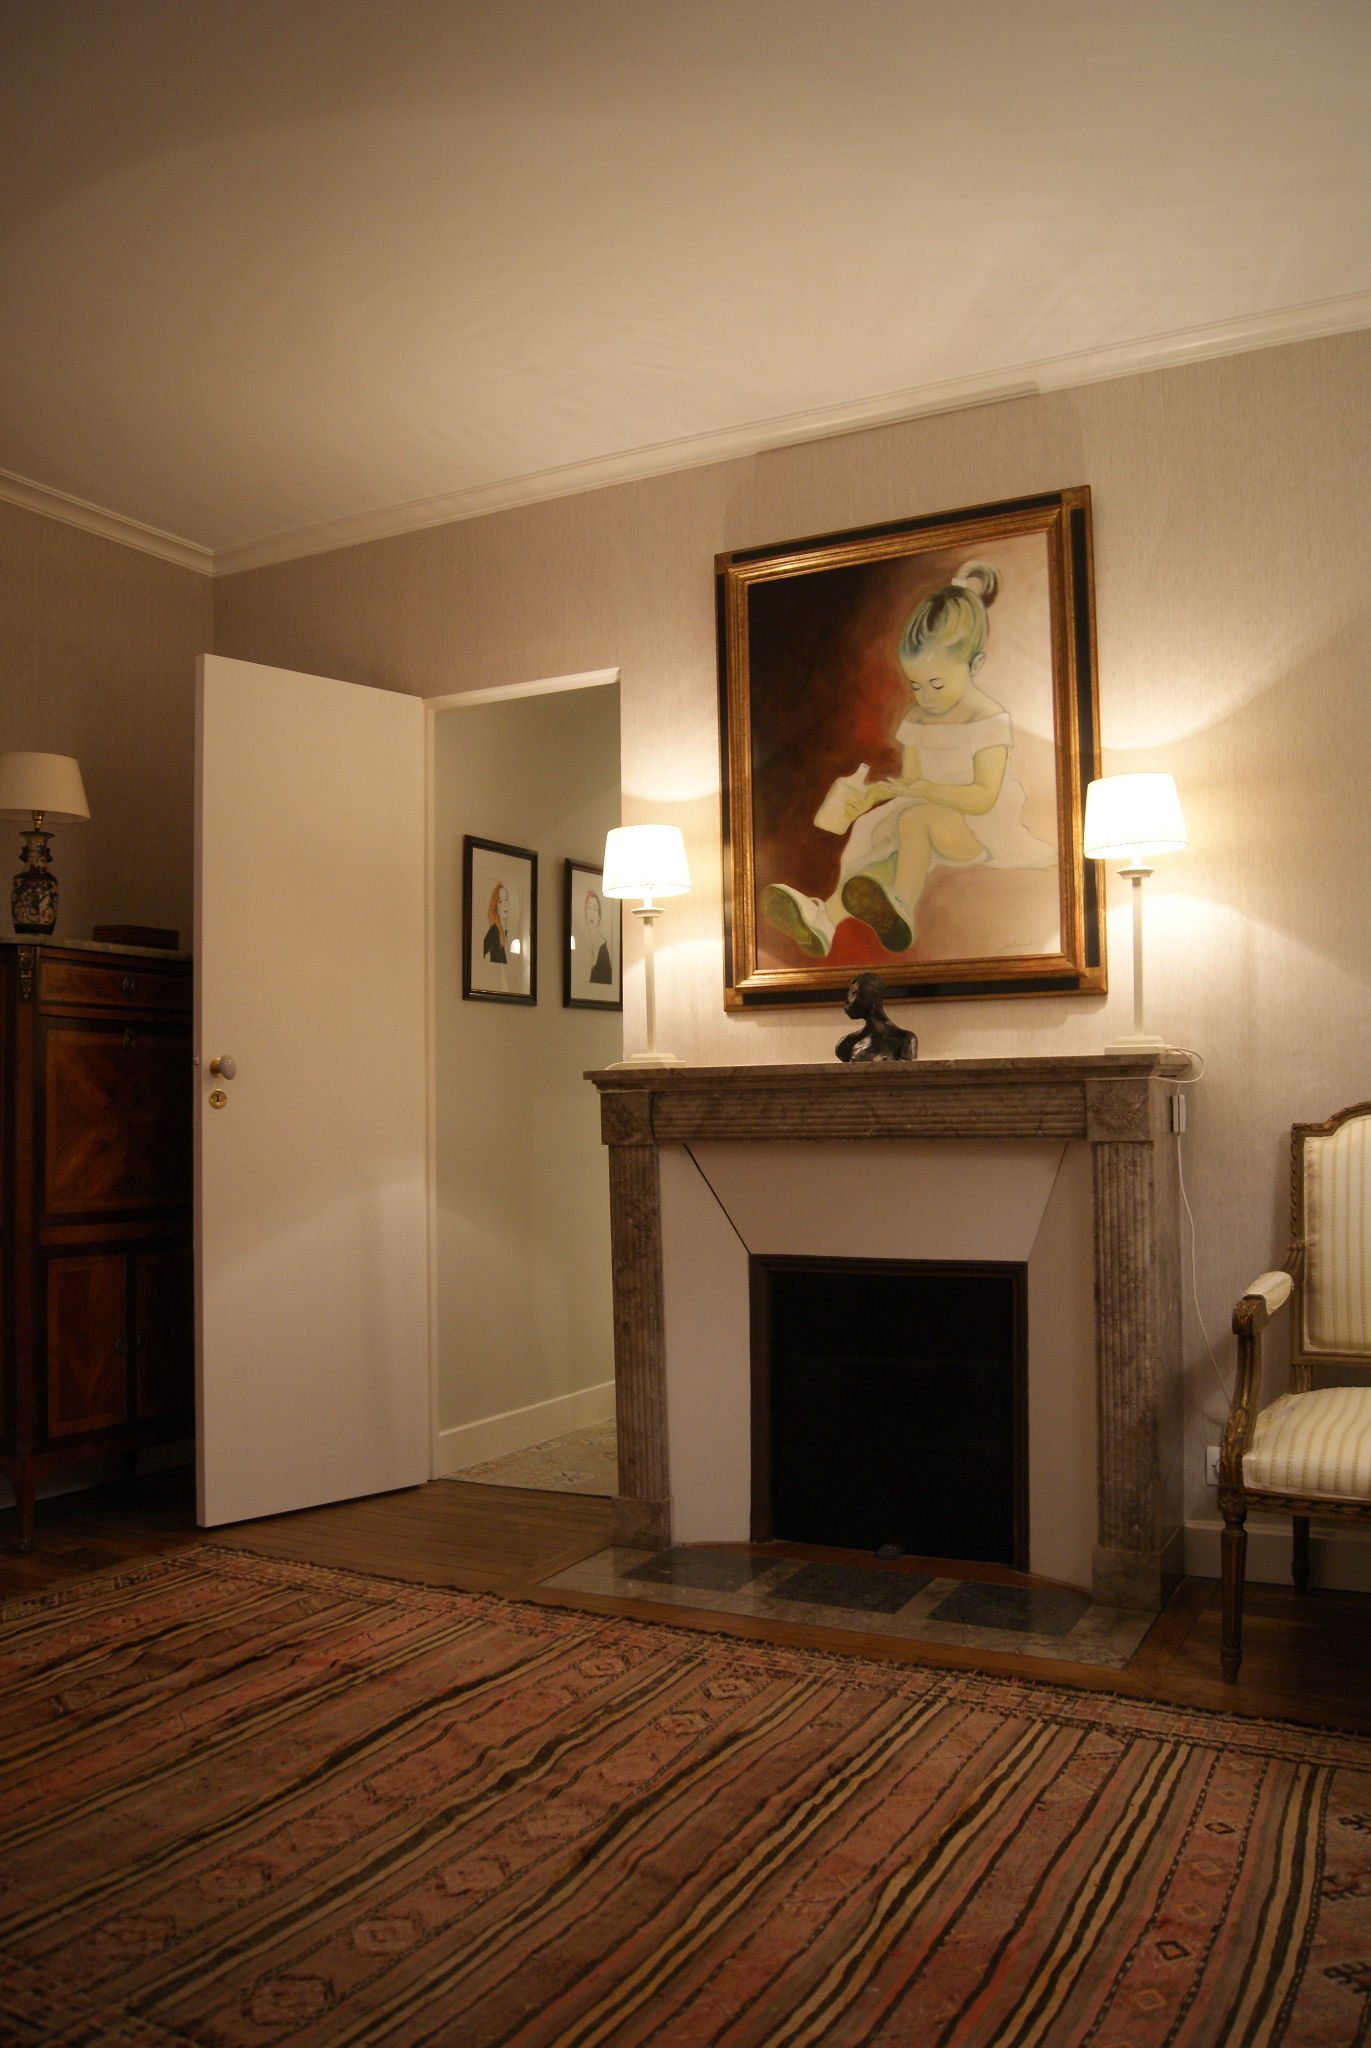 Chambre grise - Cheminée, portrait, porte dérobée et lampes de chevet